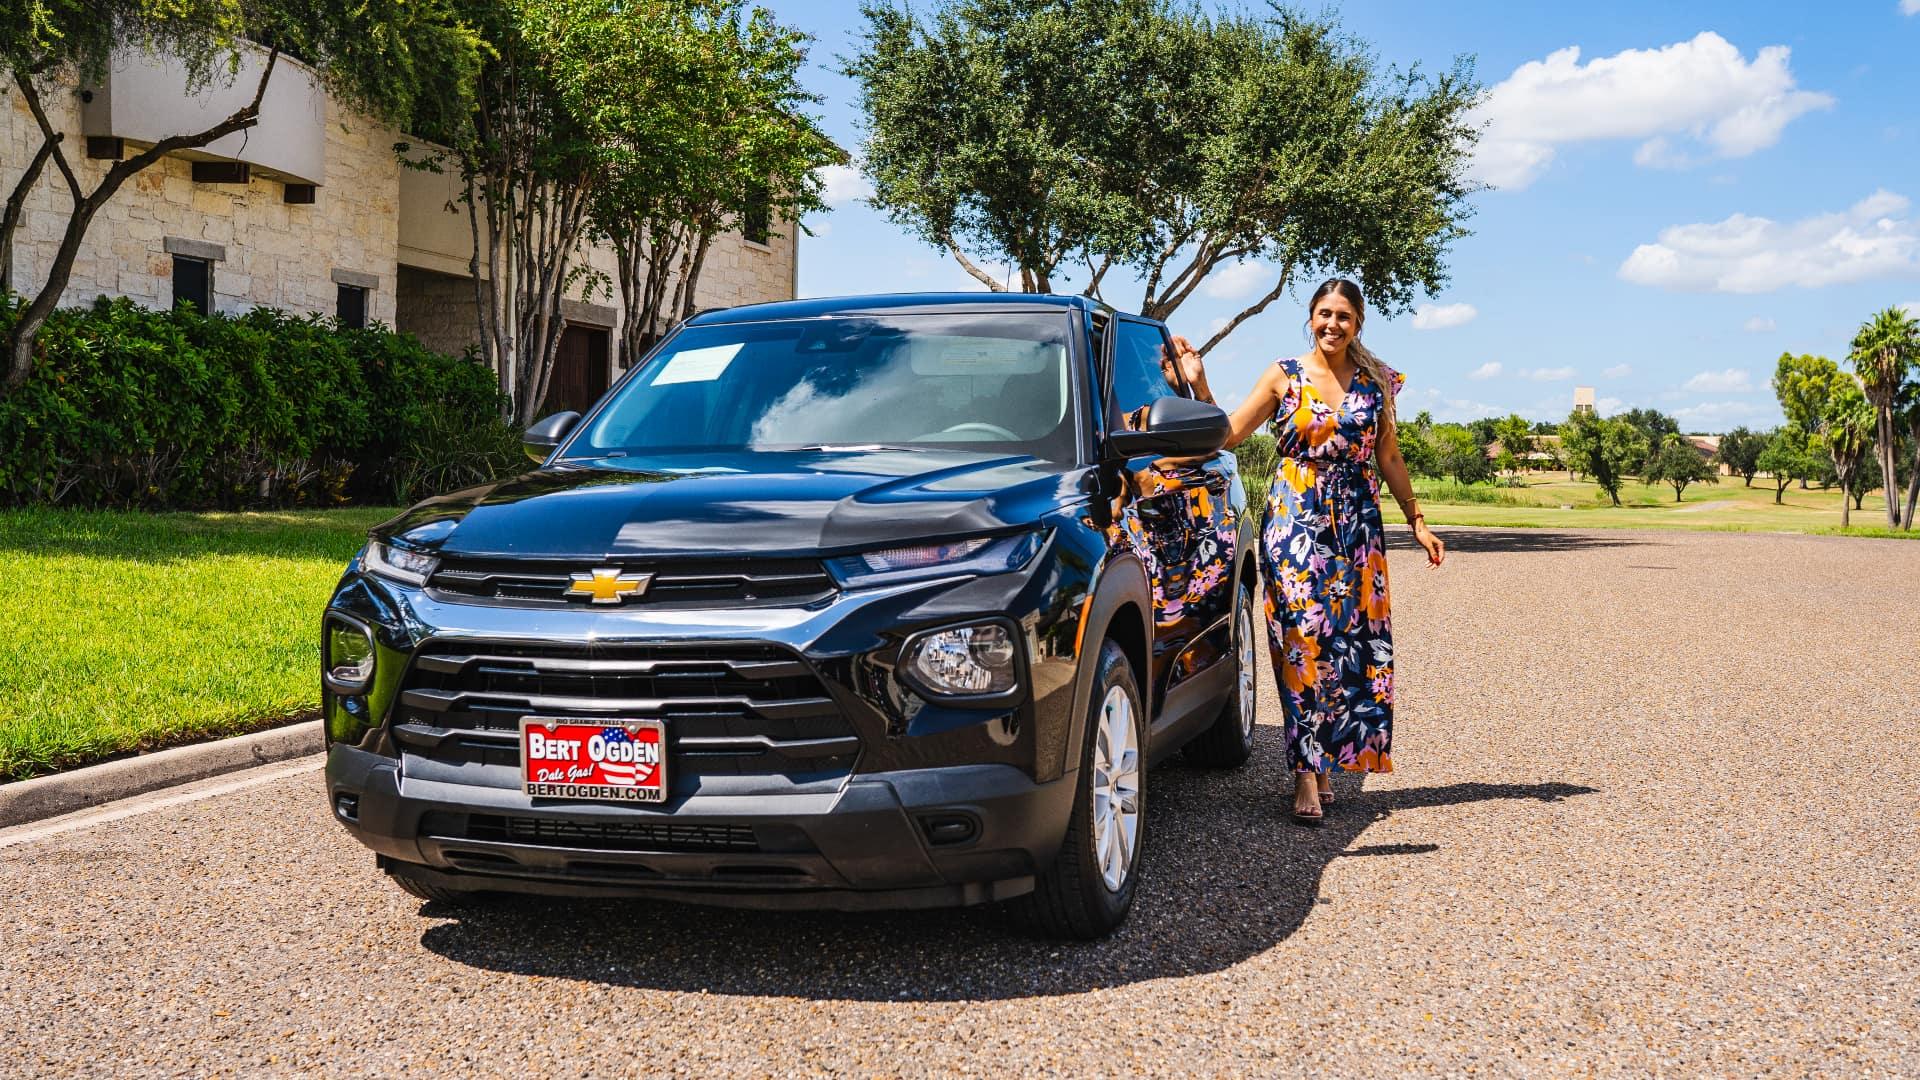 New Chevrolet Trailblazer | Fiesta Chevrolet | Edinburg, TX